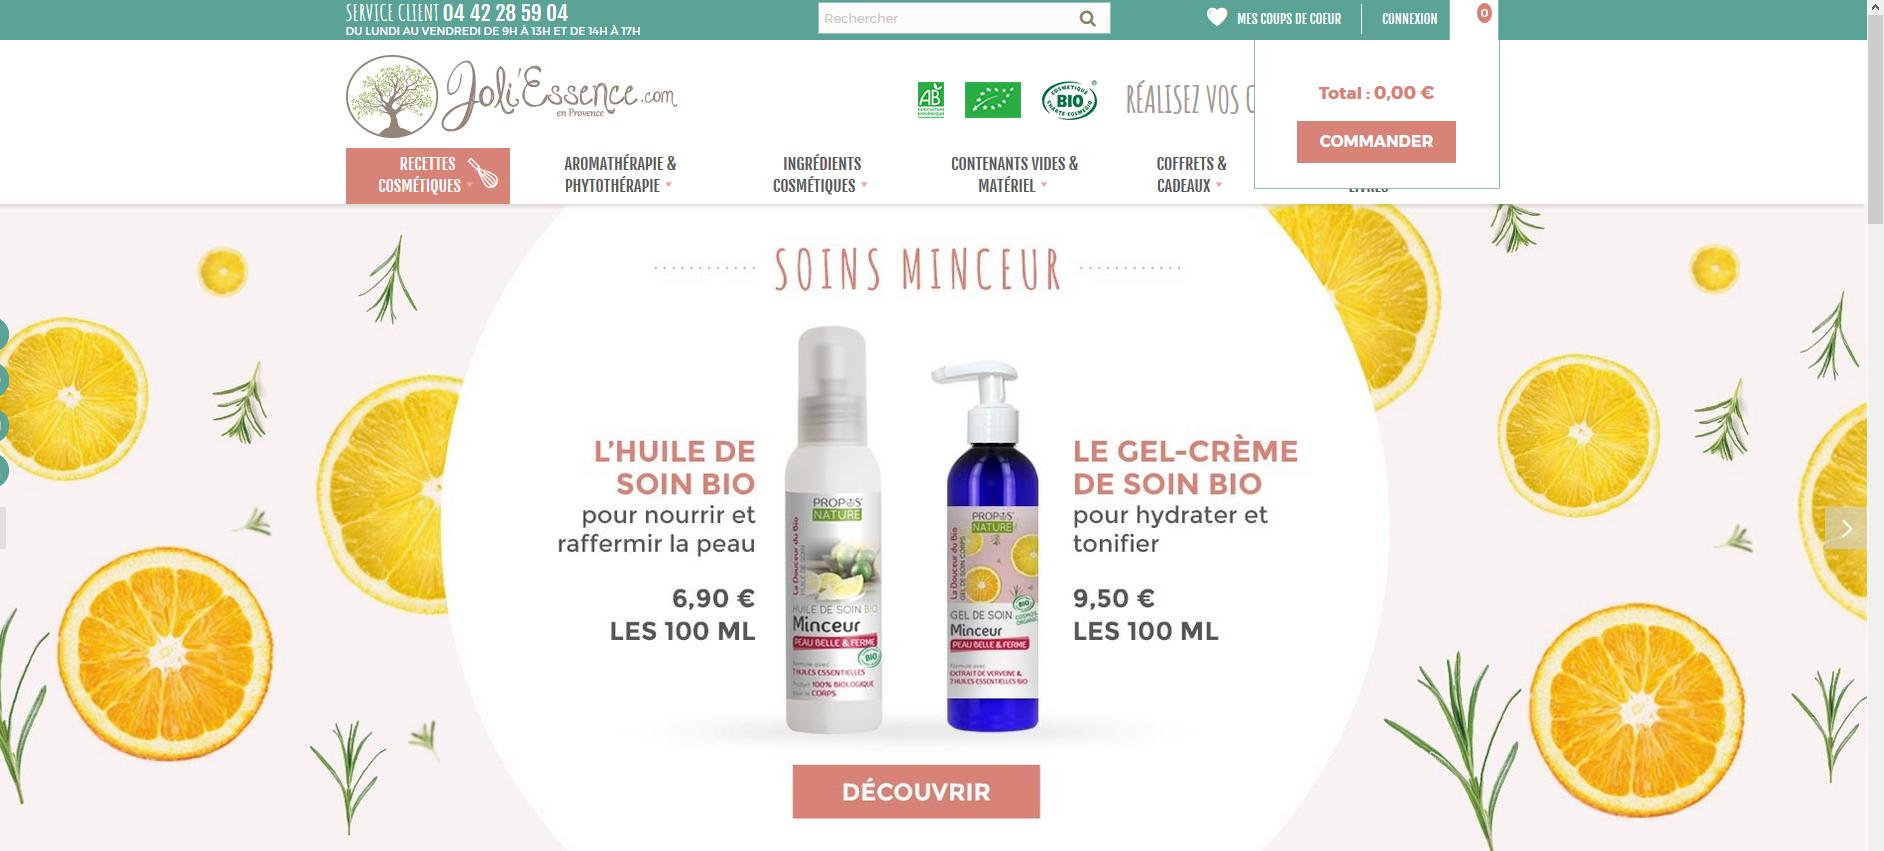 Connexion réussie pour Place des Loisirs entre sa gestion commerciale Sage et son site ecommerce PrestaShop